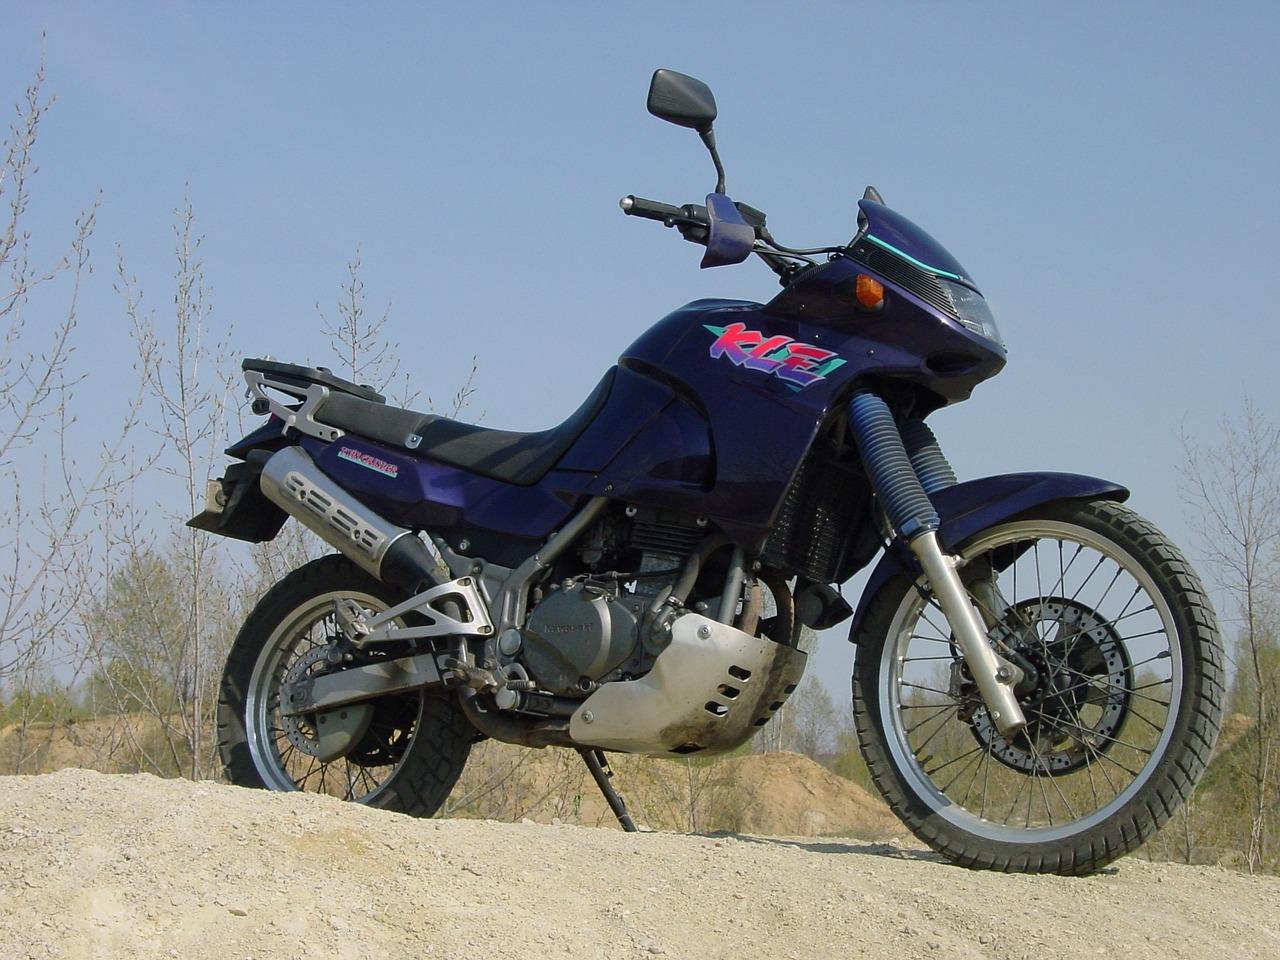 В Ярославской области осудили мотоциклиста за «пьяное» ДТП, в котором погиб его пассажир